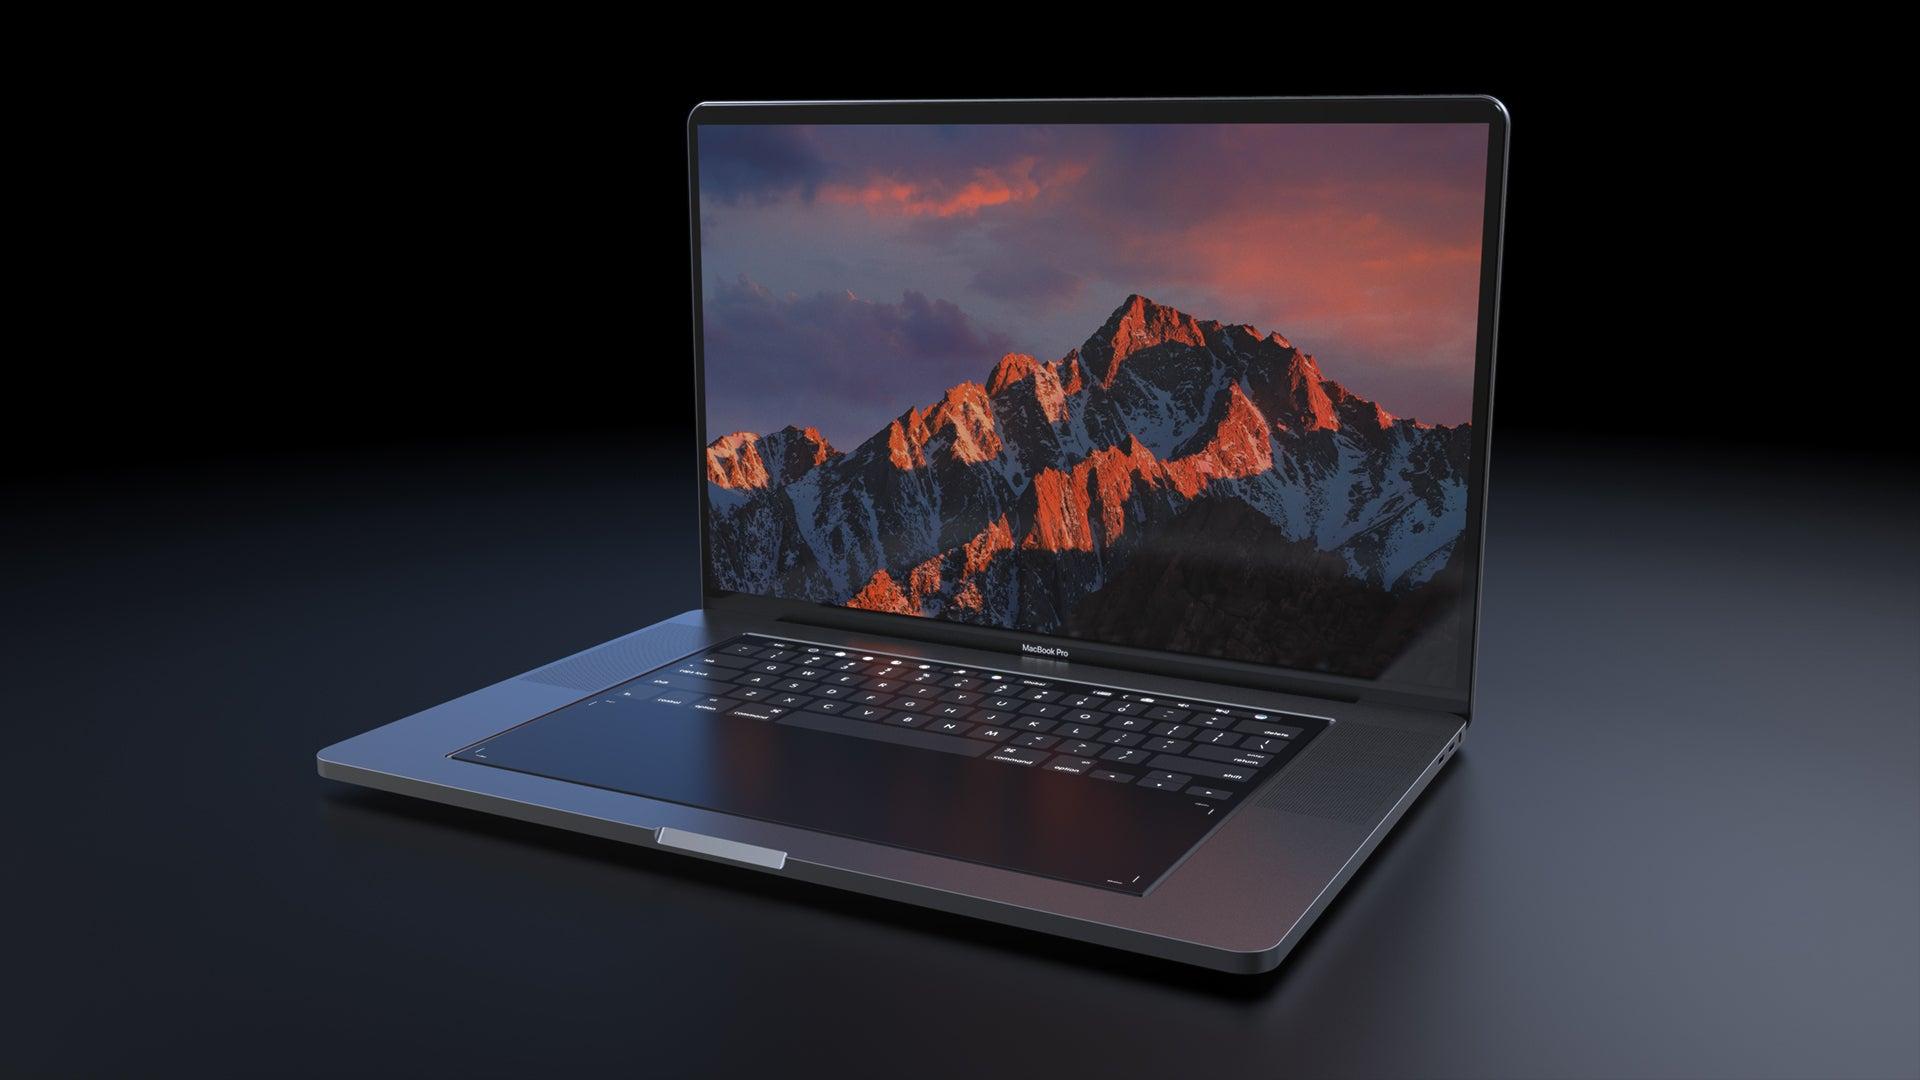 apple, macbook pro laptop, informatika, számítógép, restart, tv műsor, számtech hírek